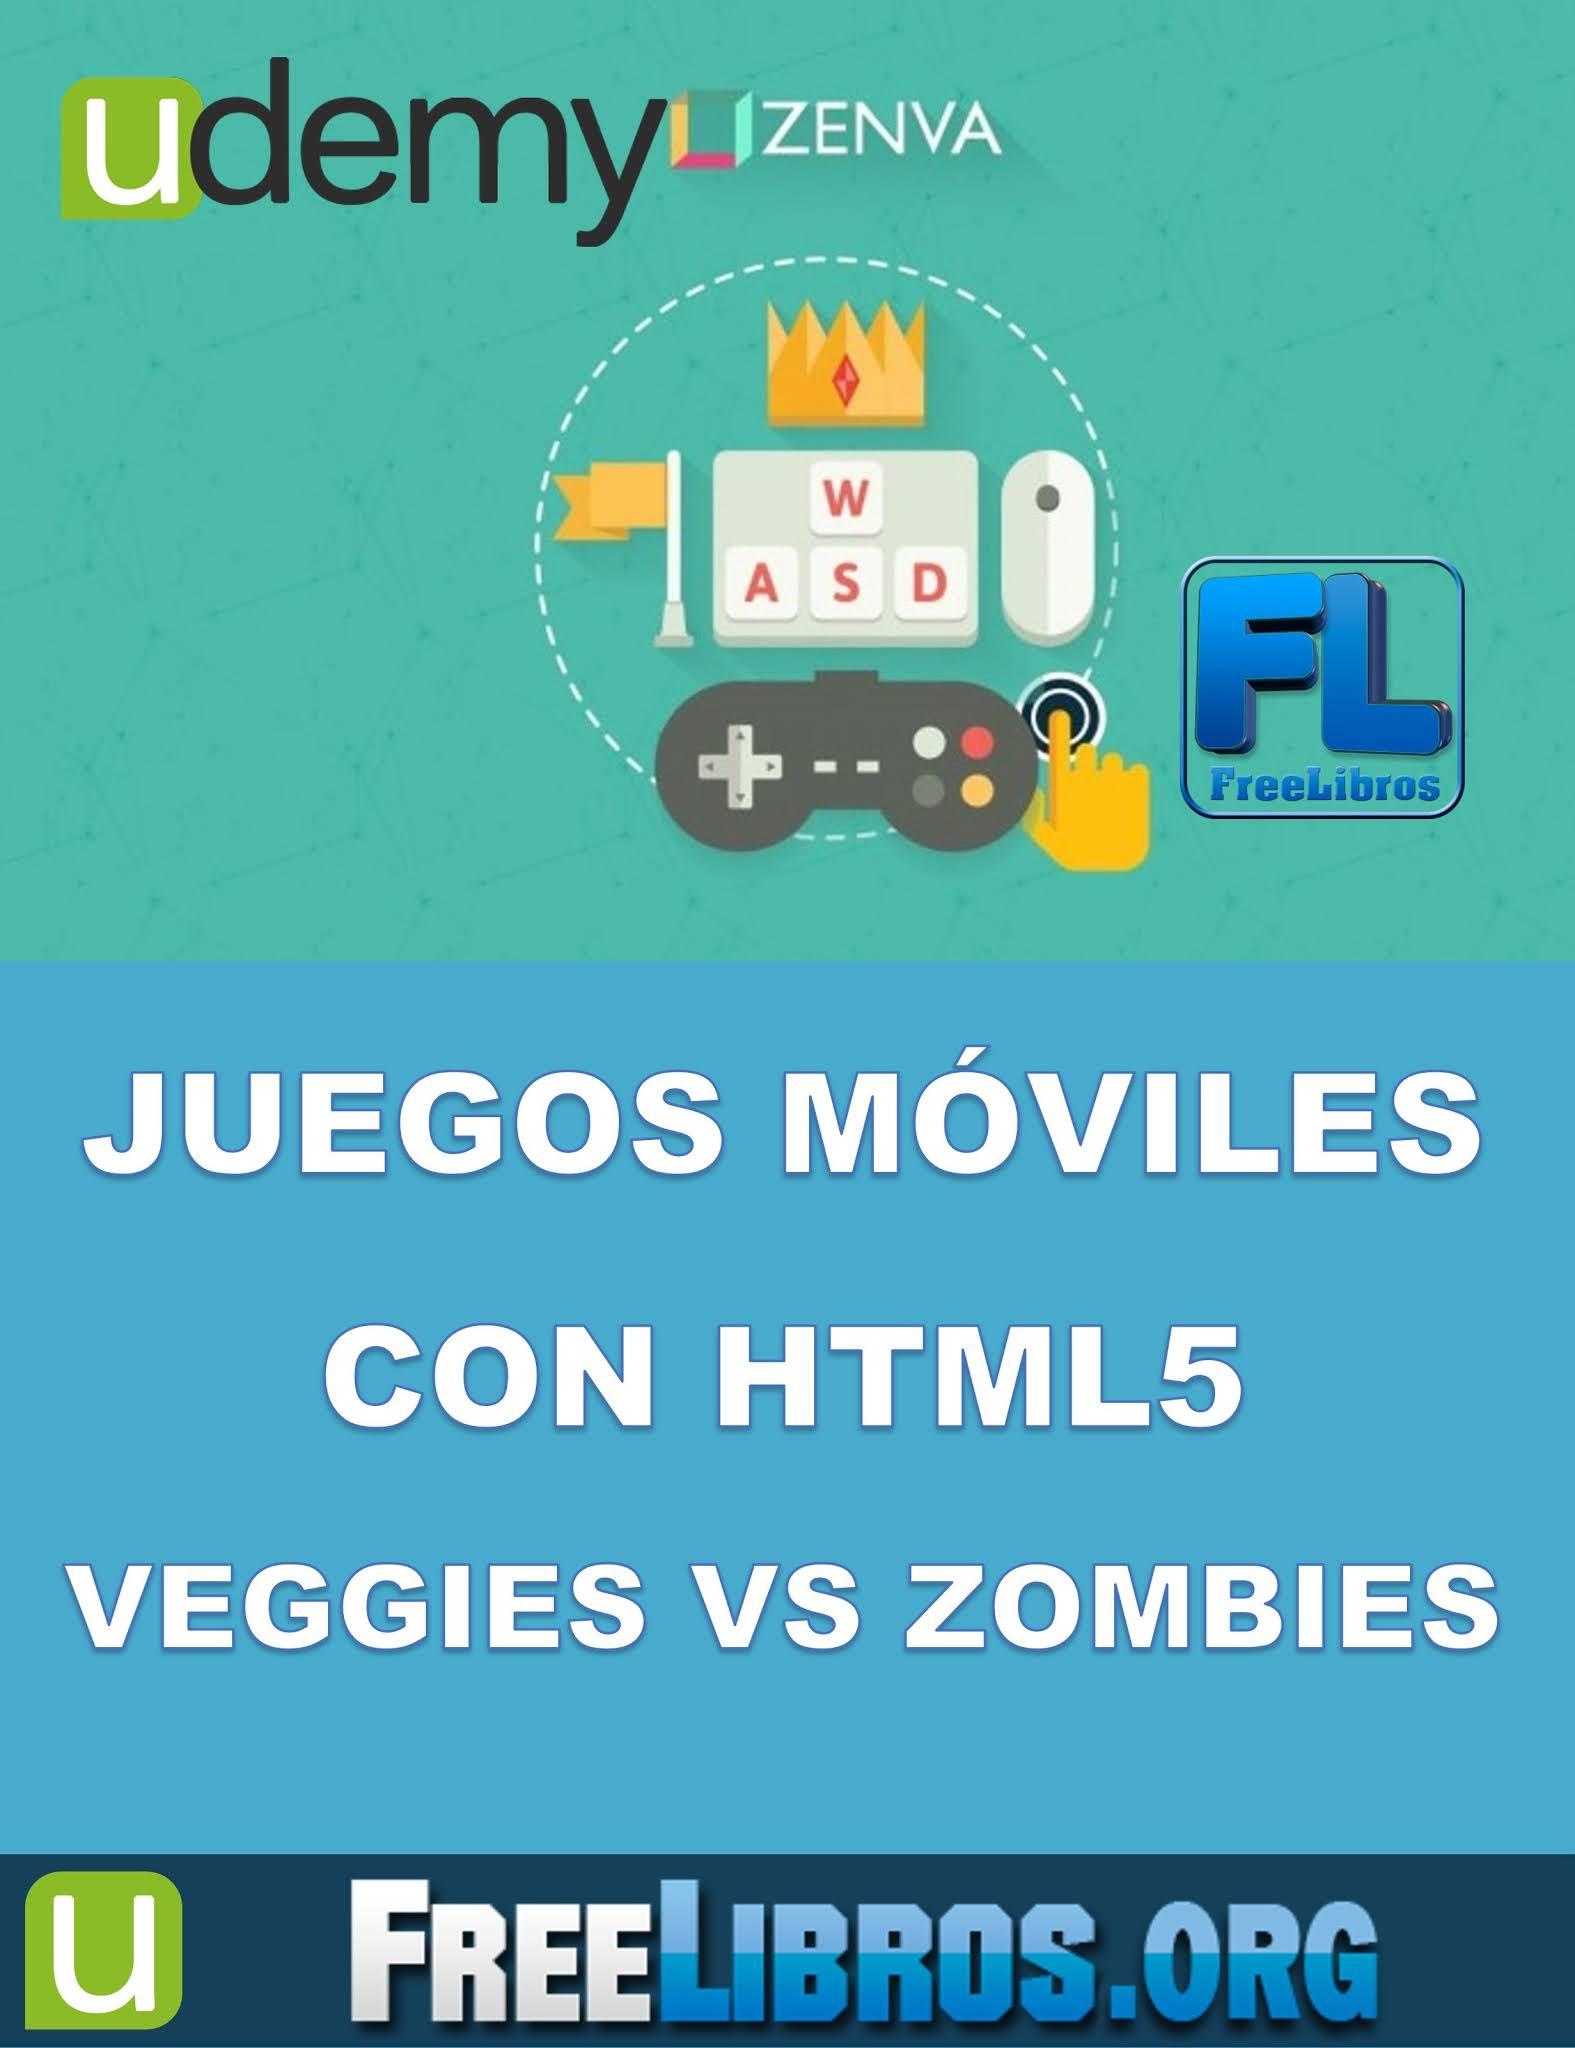 Curso de Juegos Móviles con HTML5: Veggies vs Zombies – Udemy